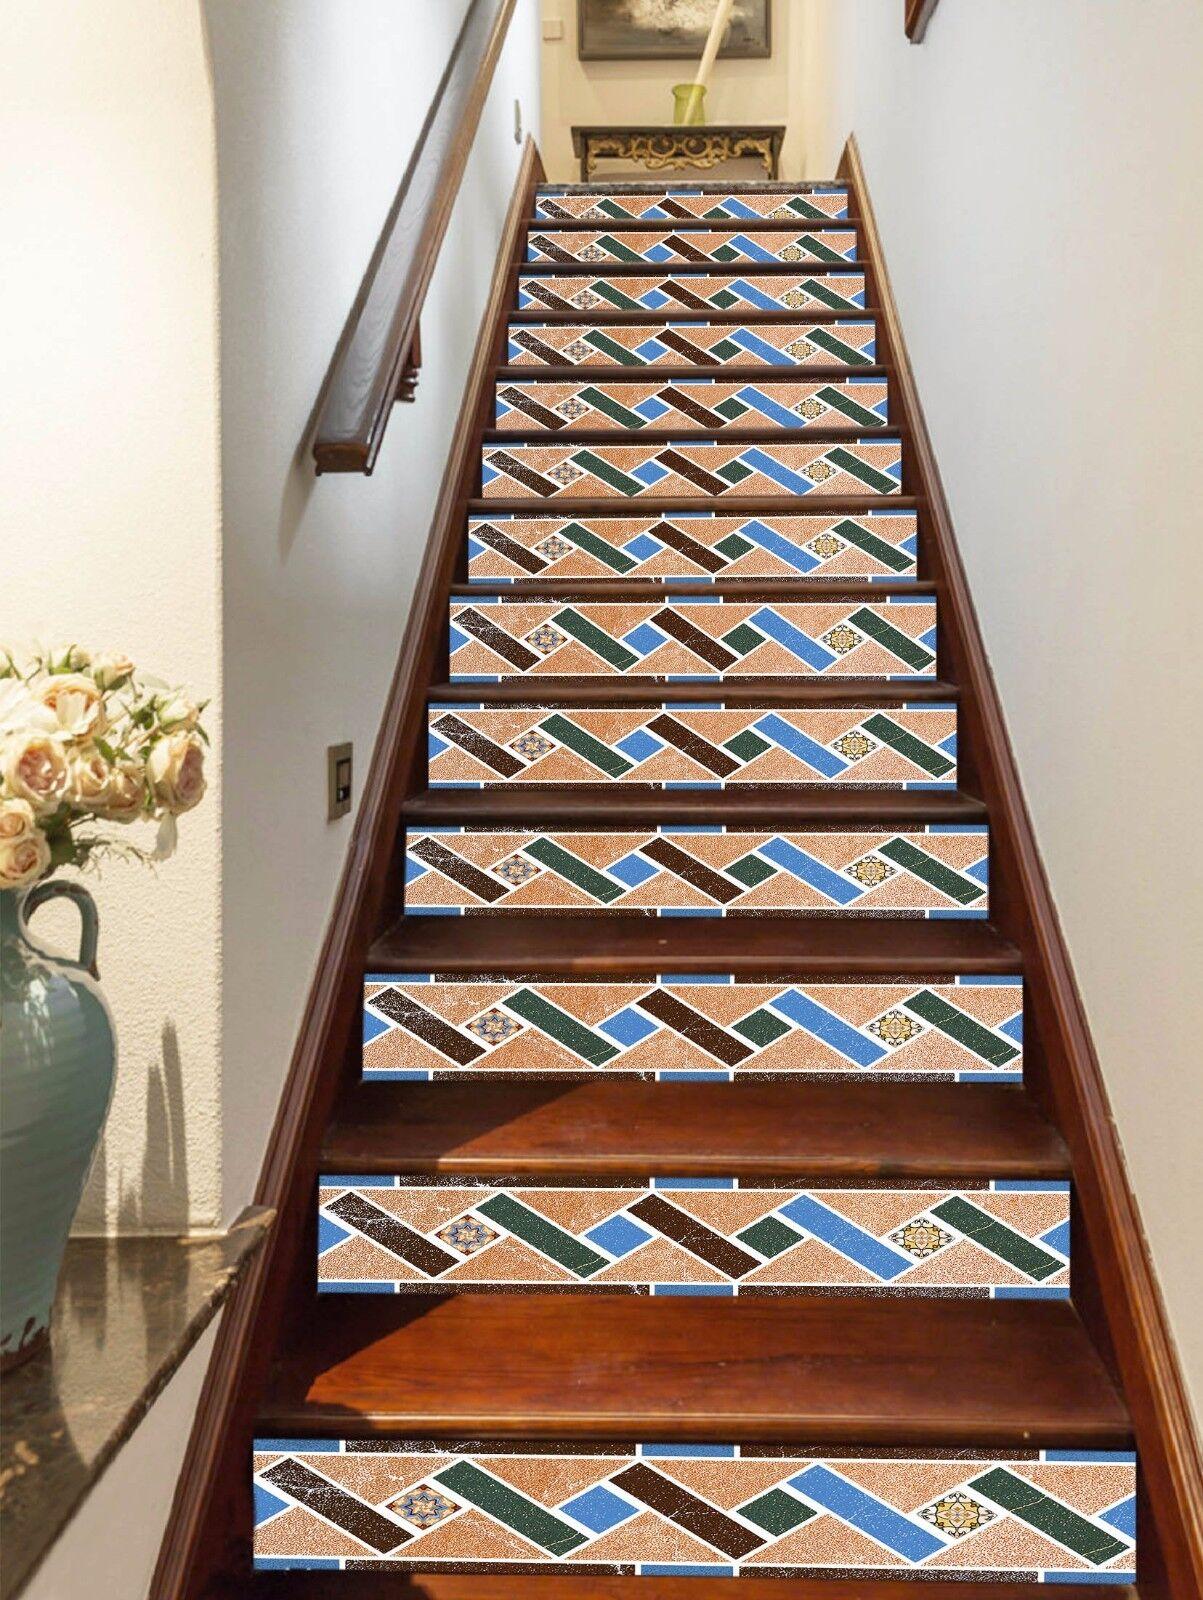 3D Gitter 443 Stair Risers Dekoration Fototapete Vinyl Aufkleber Tapete DE Lemon